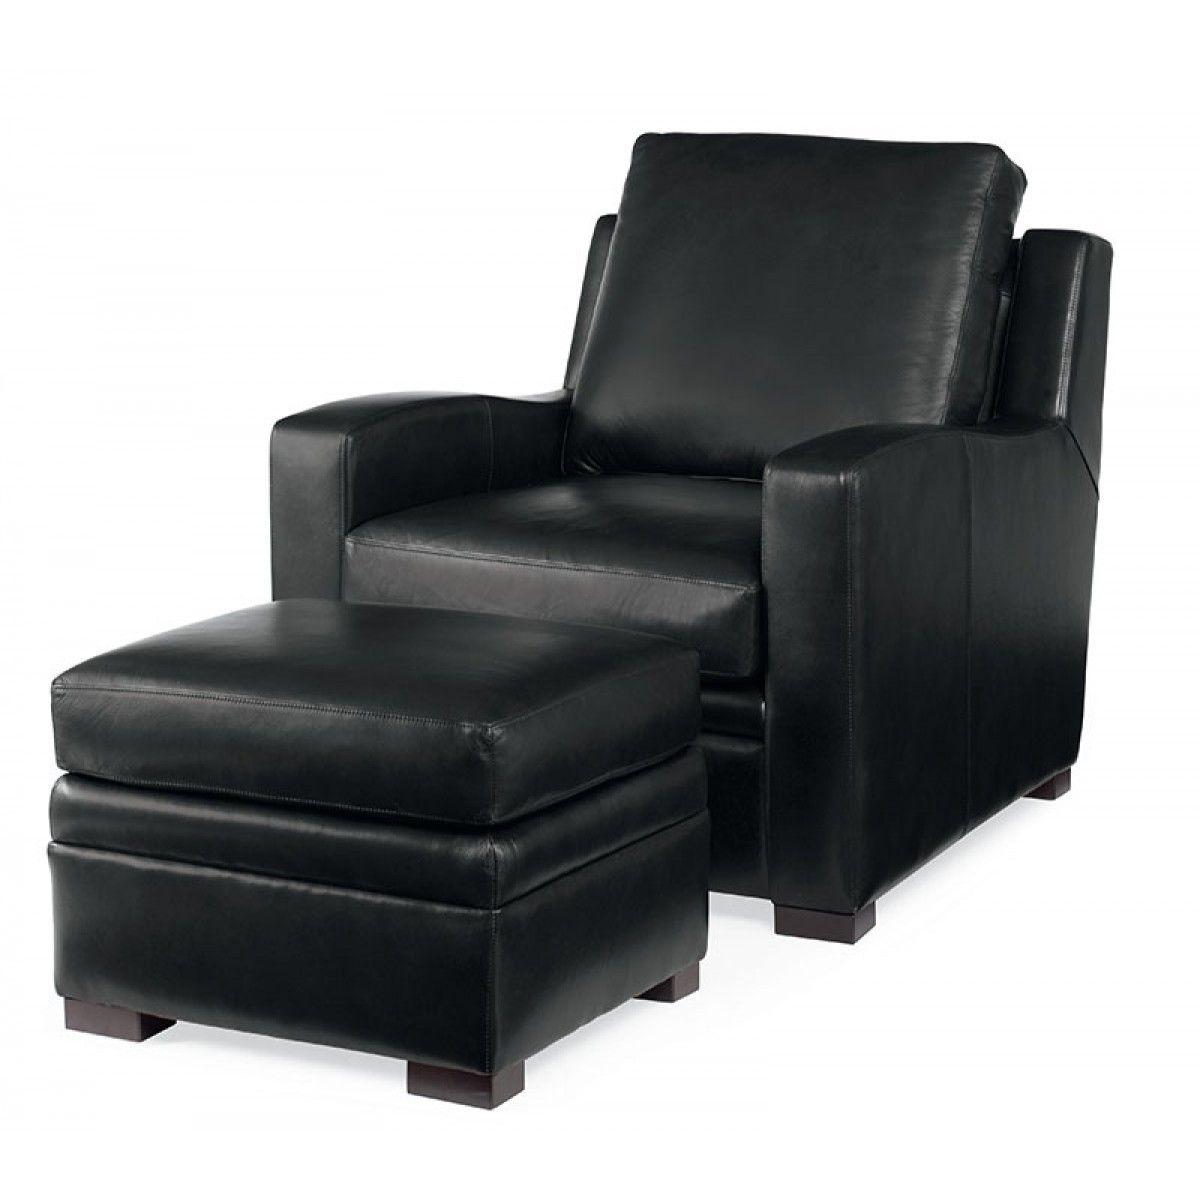 Leder Sessel Mit Hocker Osmanen verwendet werden, als